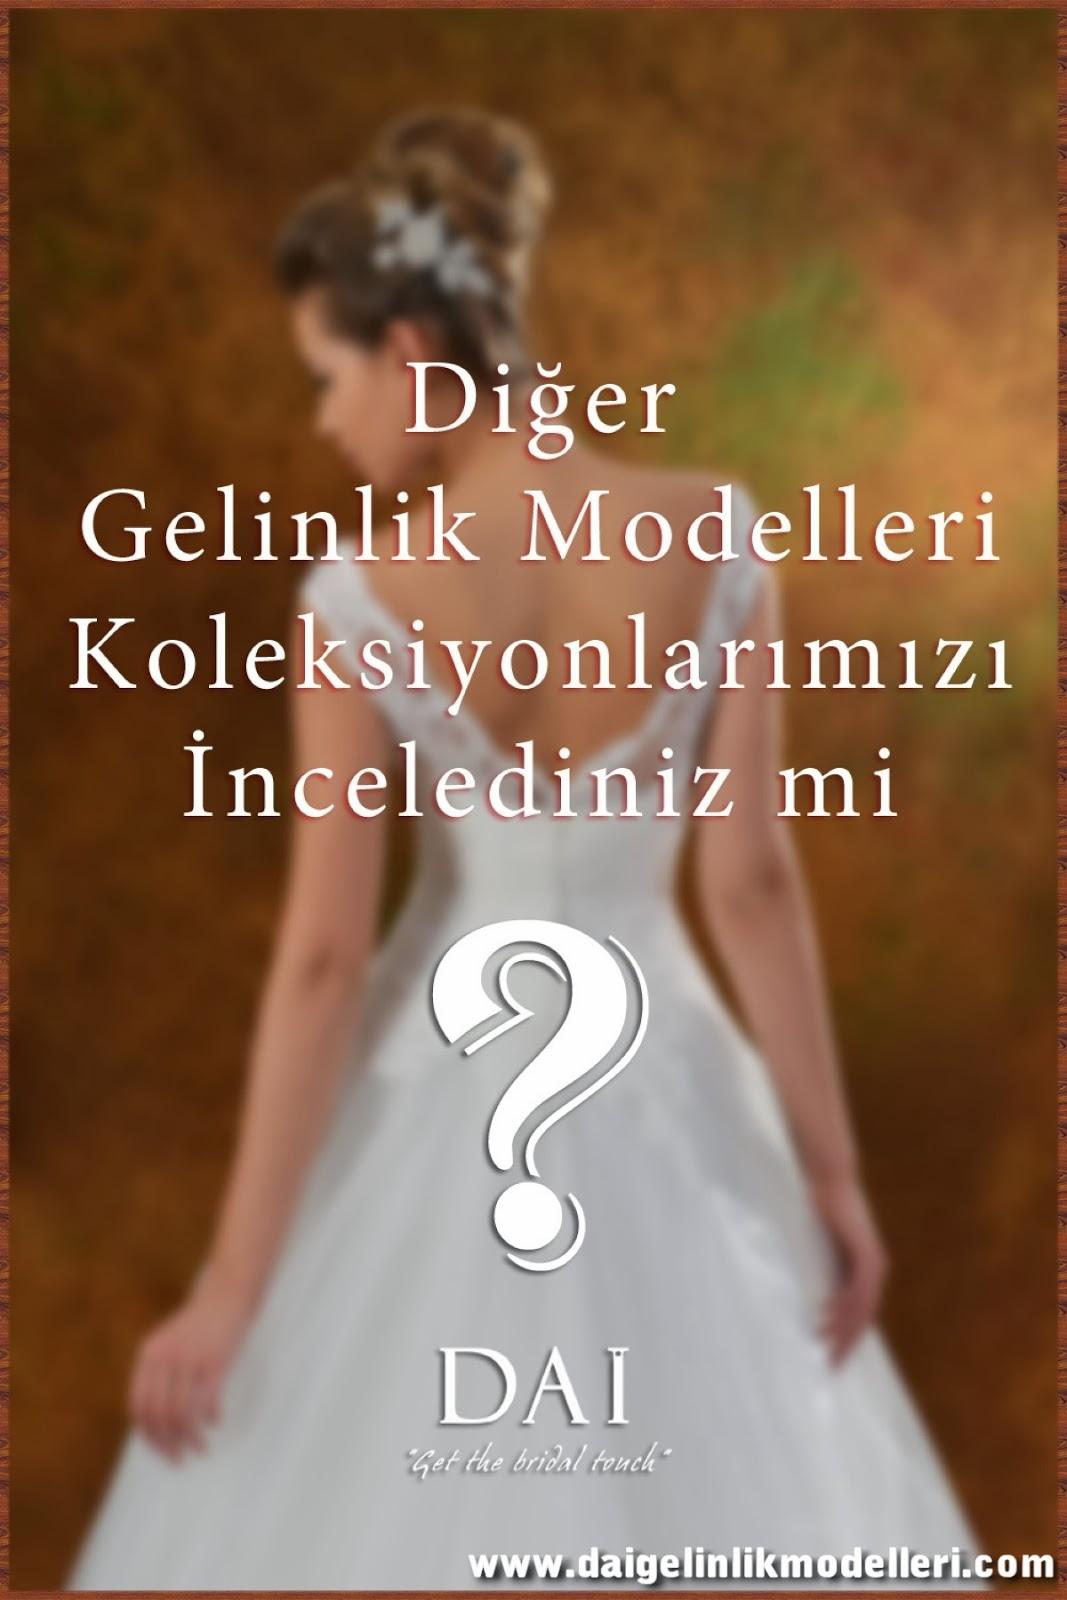 http://www.daigelinlikmodelleri.com/koleksiyonlar